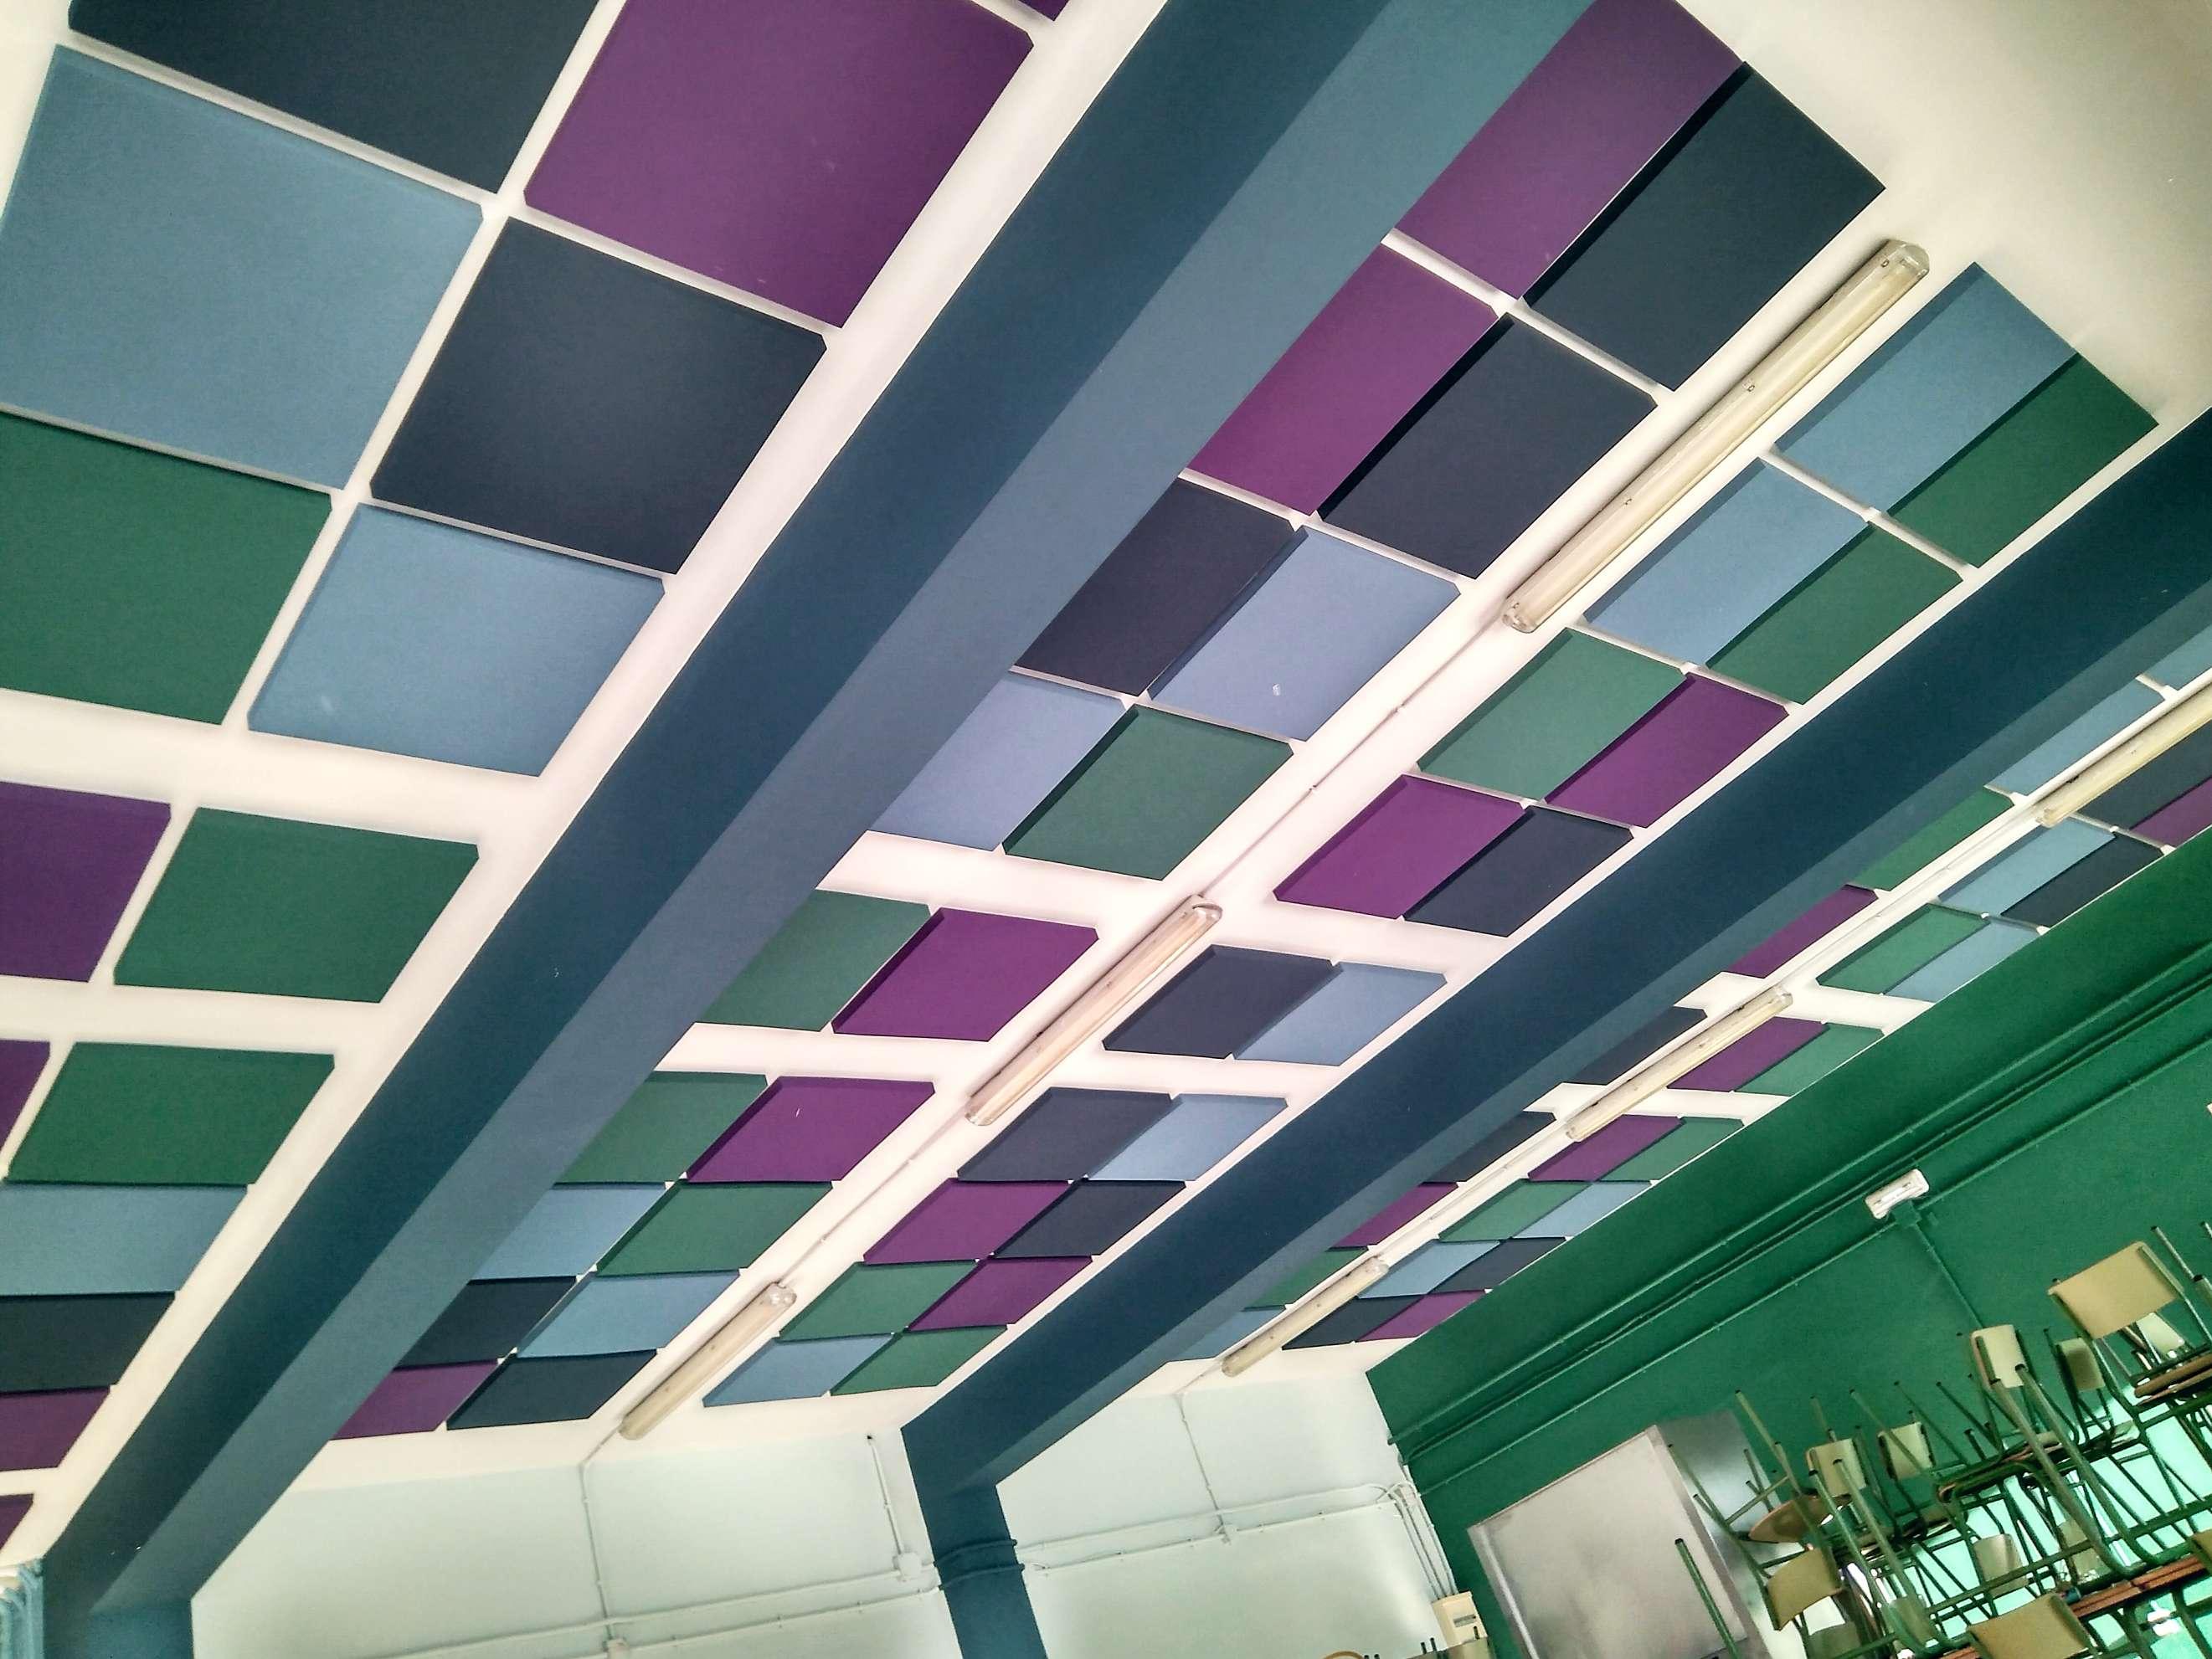 Insonorizacion. Reducción de ruido y reverberacion en comedor escolar con colores a juego